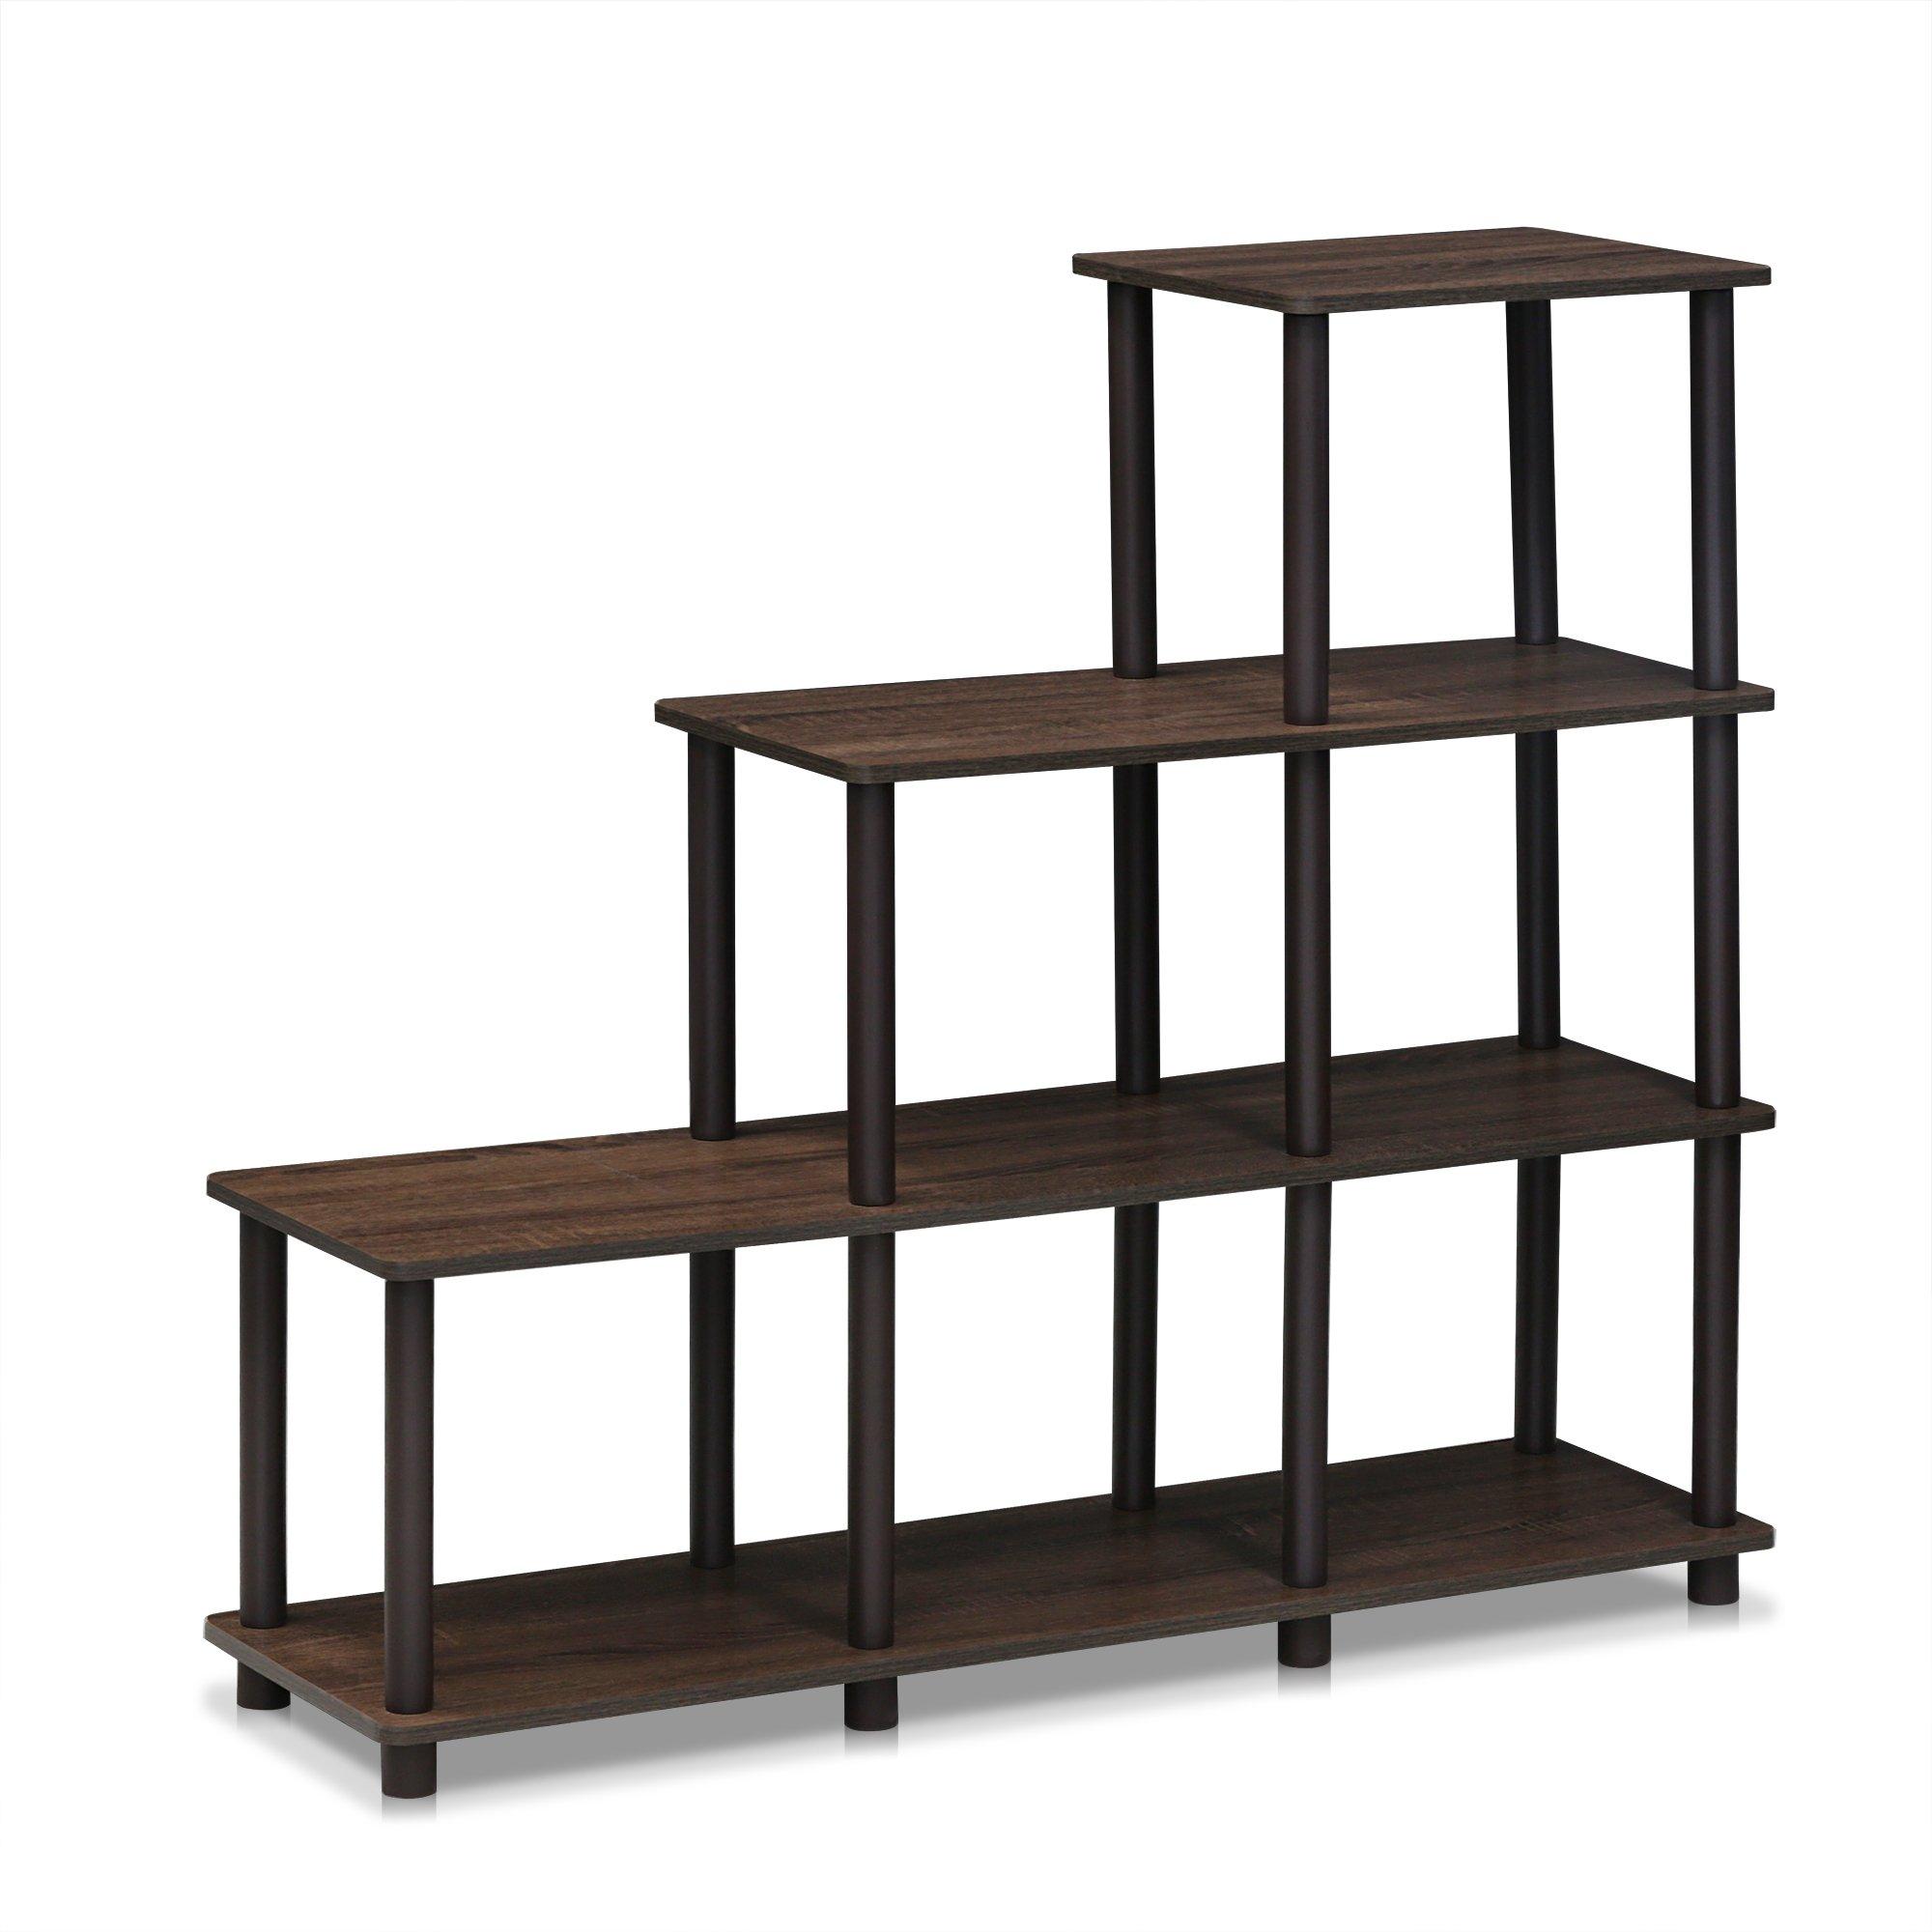 FURINNO Turn-N-Tube Ladder Space Shelf, Walnut/Brown by Furinno